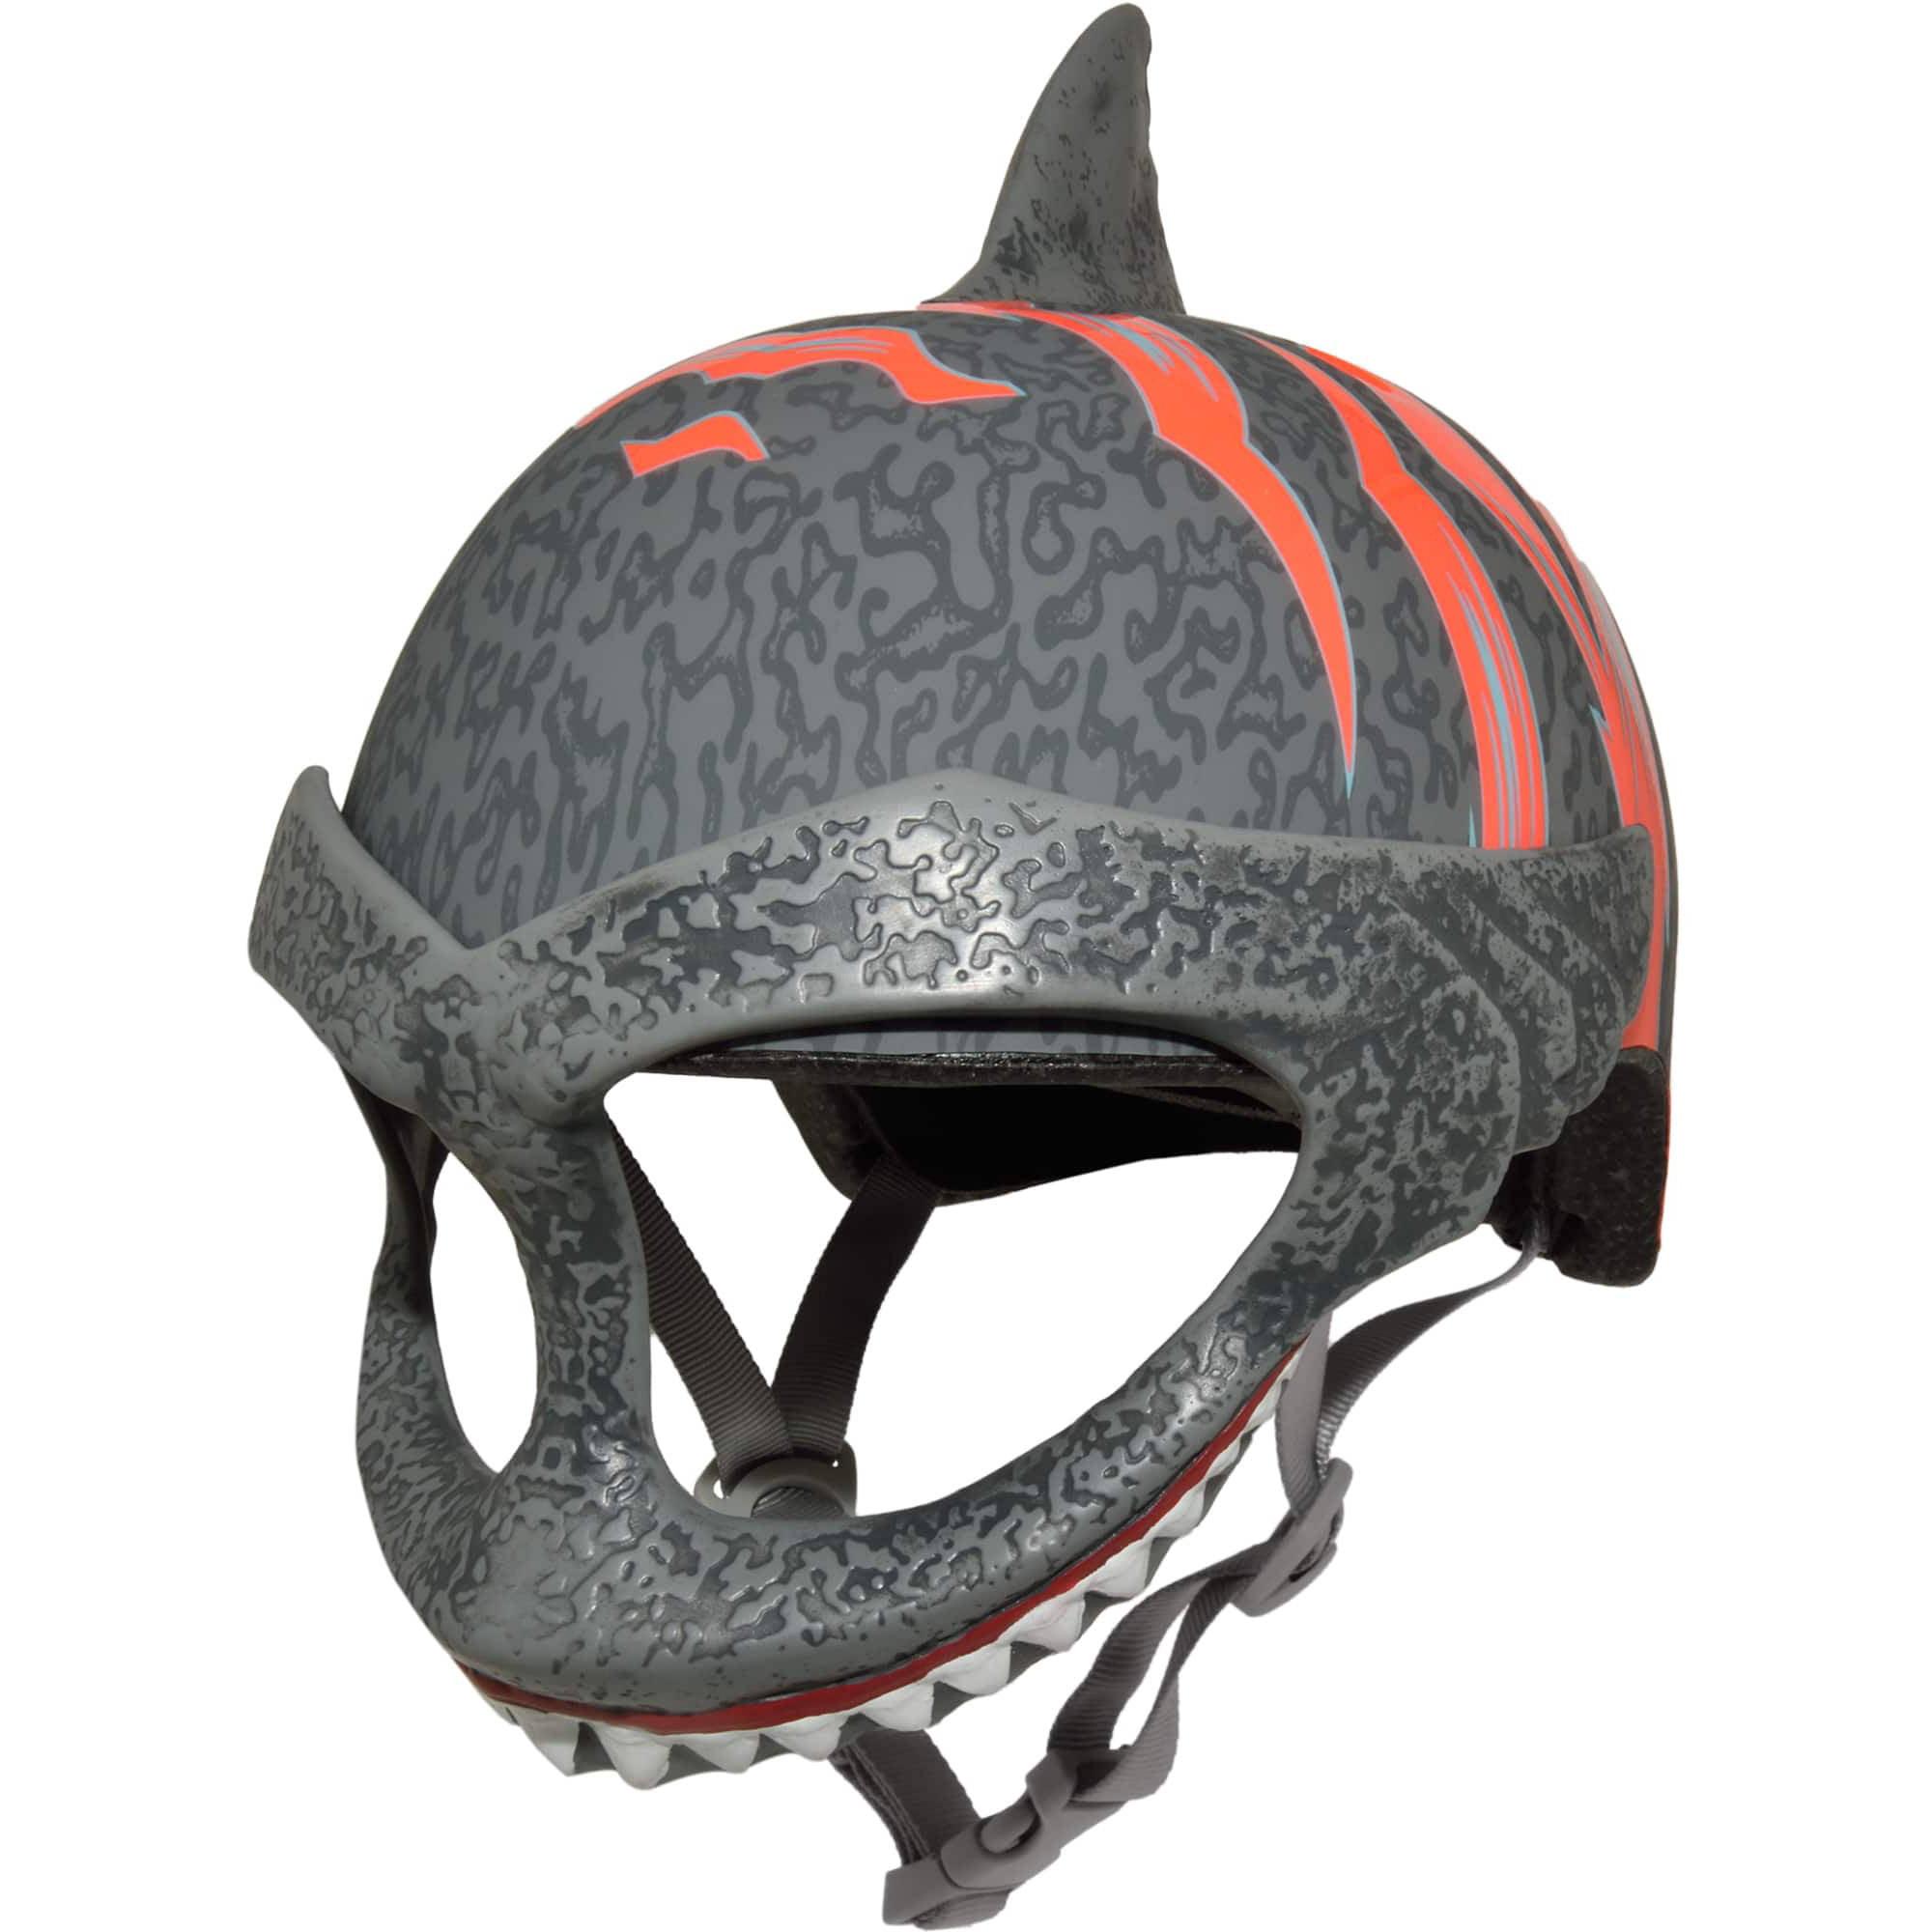 Raskullz Shark Mask Bike Helmet, Child 5+ (50-54cm)